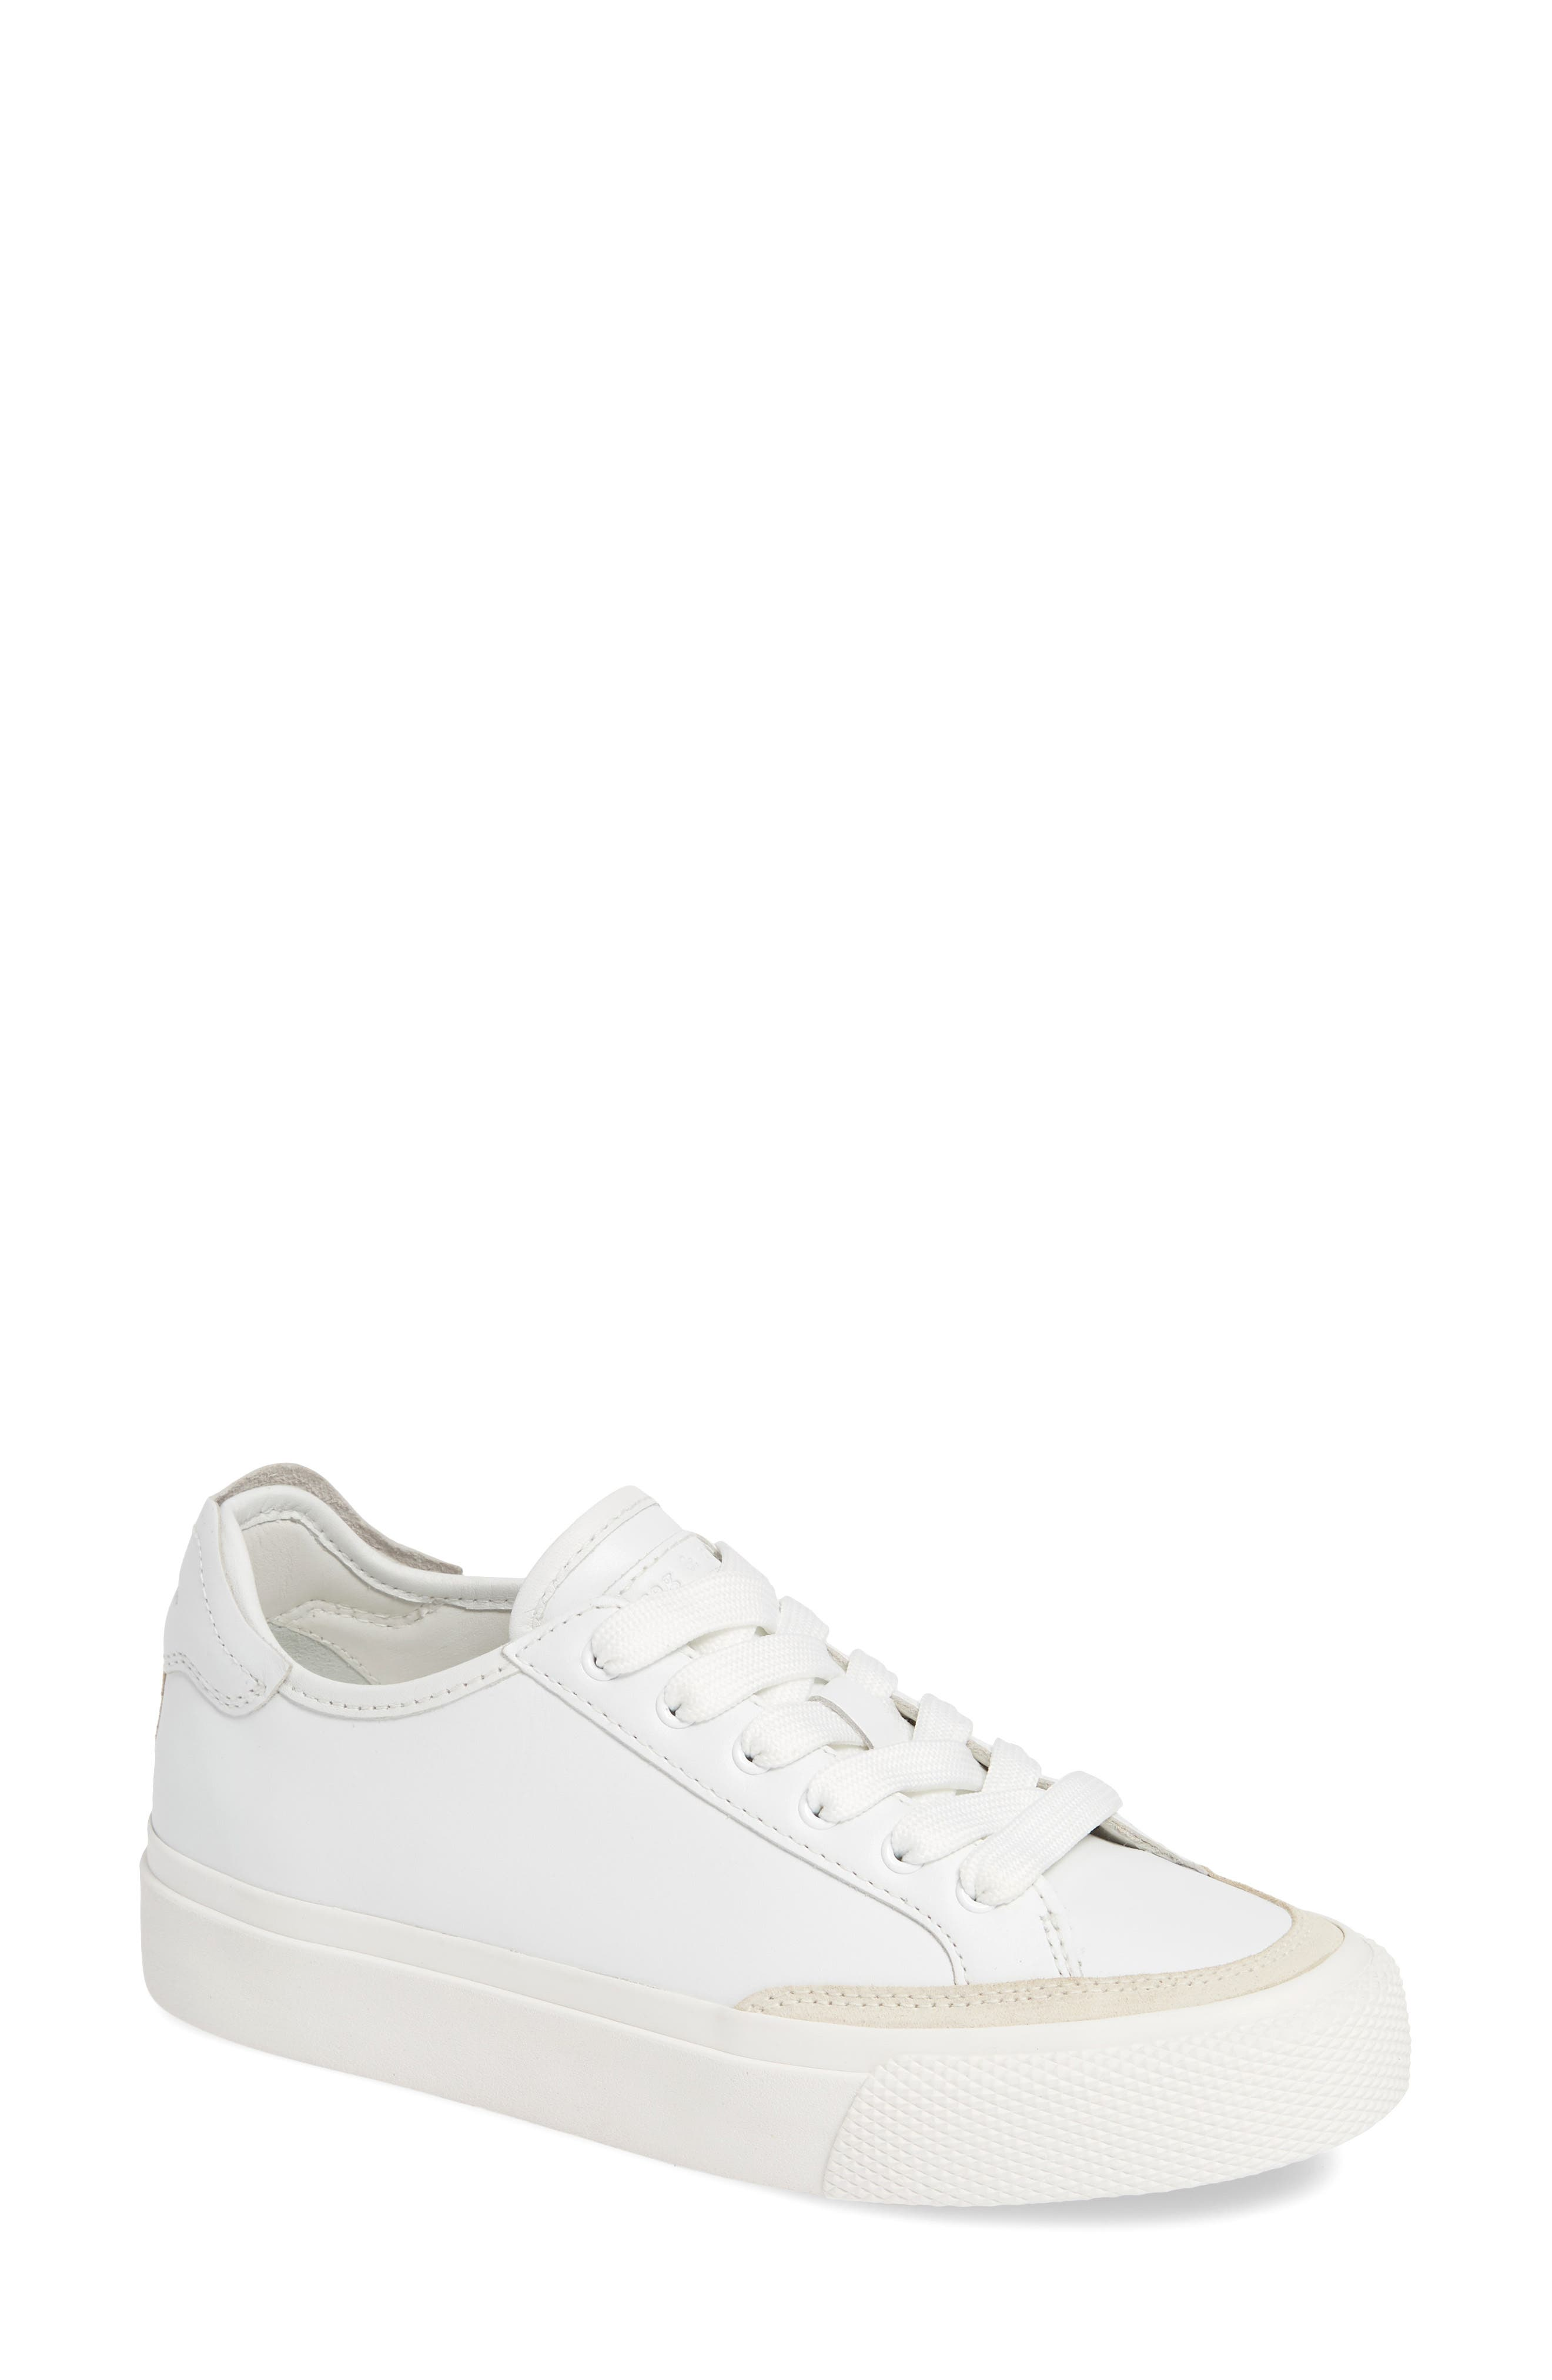 Rag & Bone Army Low Top Sneaker - White